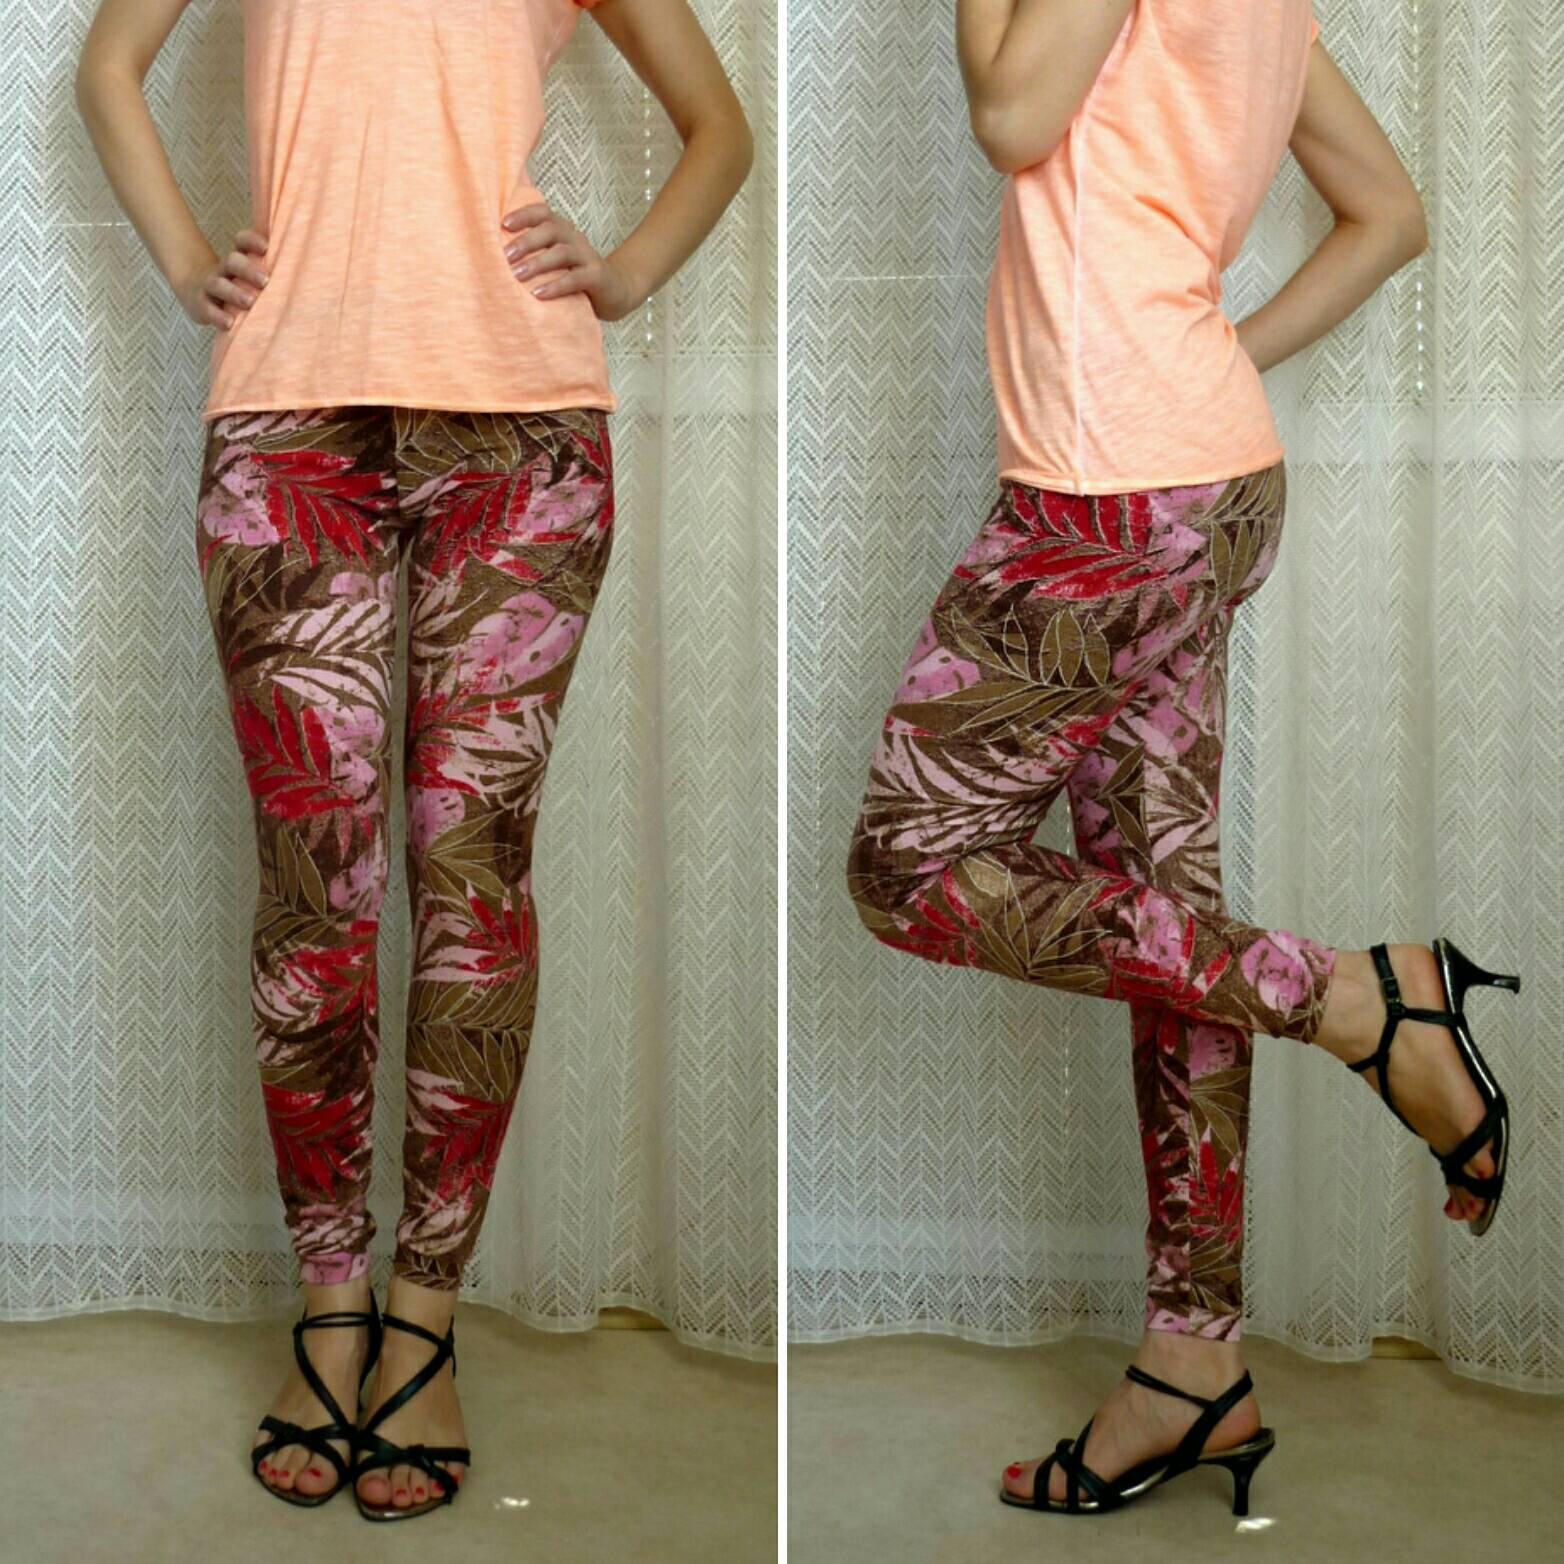 Leaf Yoga Leggings Printed Brown Tights Patterned Beige